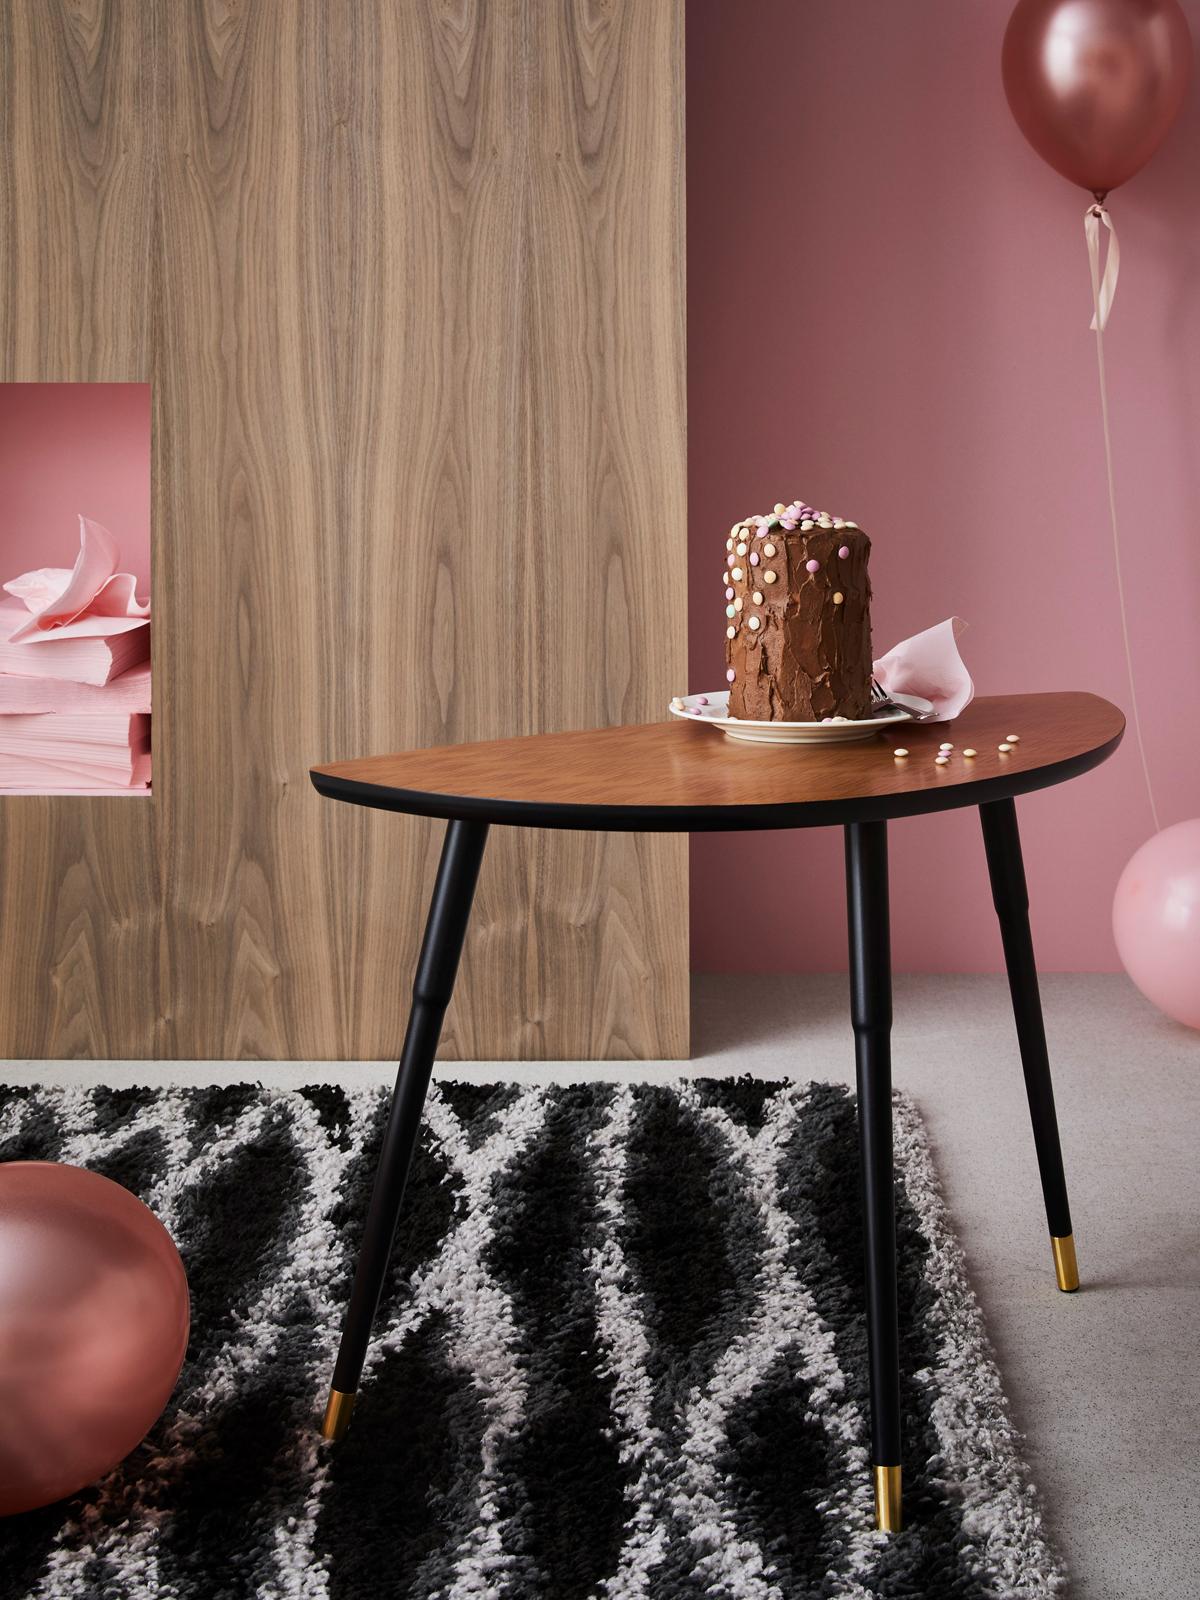 ikea festeggia i 75 anni con 3 collezioni vintage. Black Bedroom Furniture Sets. Home Design Ideas